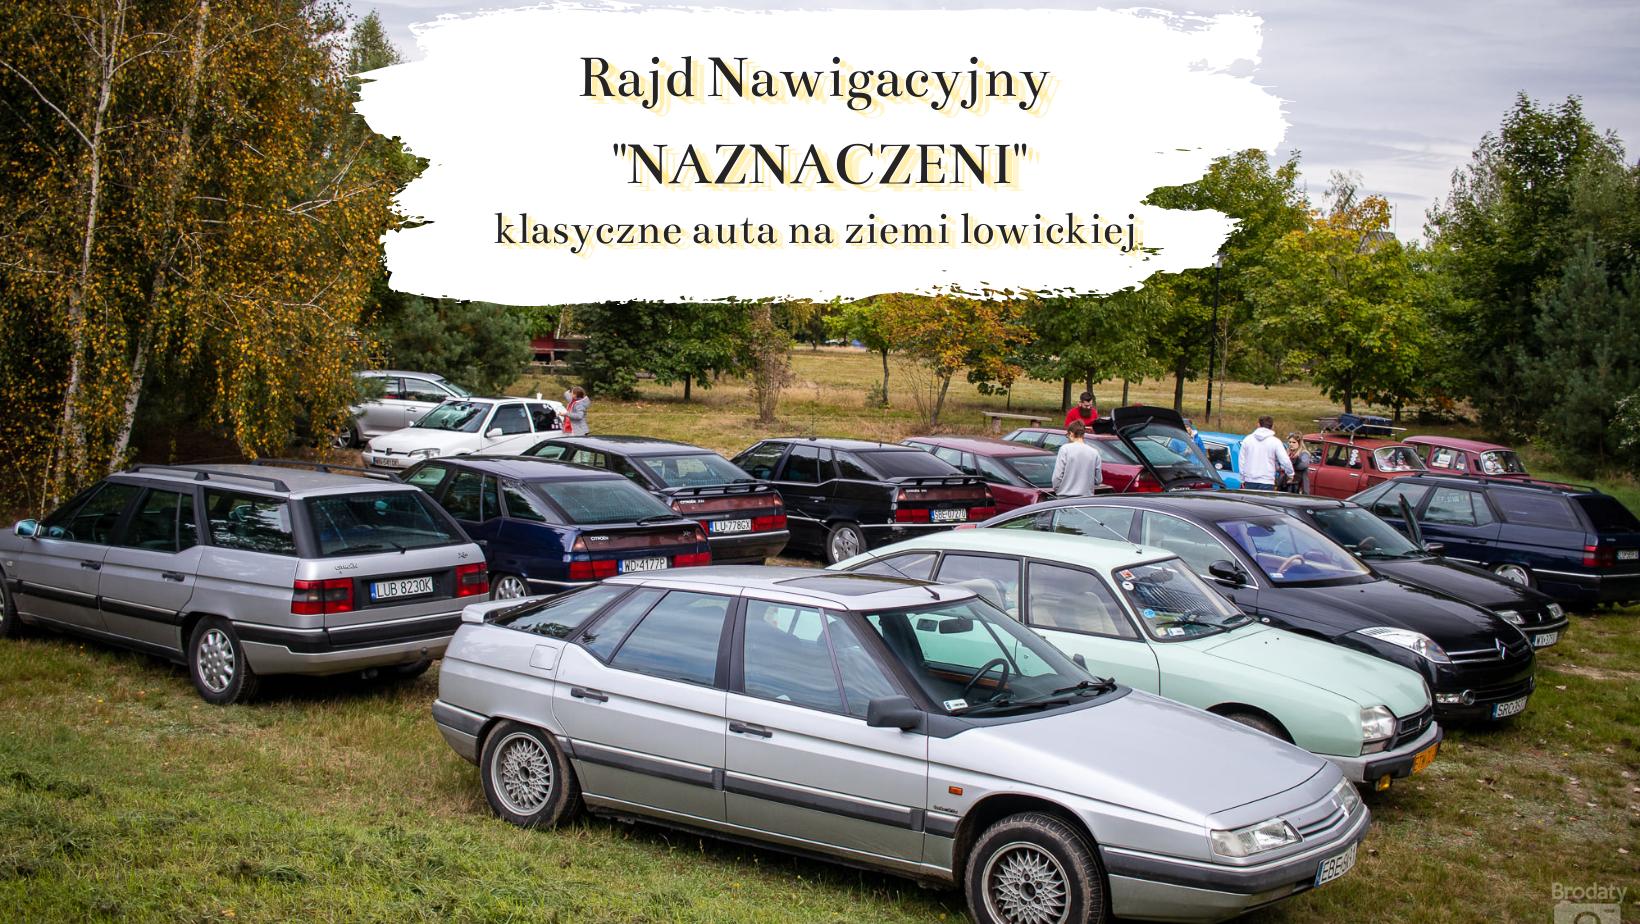 """Zlot Citroen XM Polska #4.0 i Rajd Nawigacyjny """"NAZNACZENI"""". Ziemia łowicka dawno nie widziała tak udanych imprez!"""